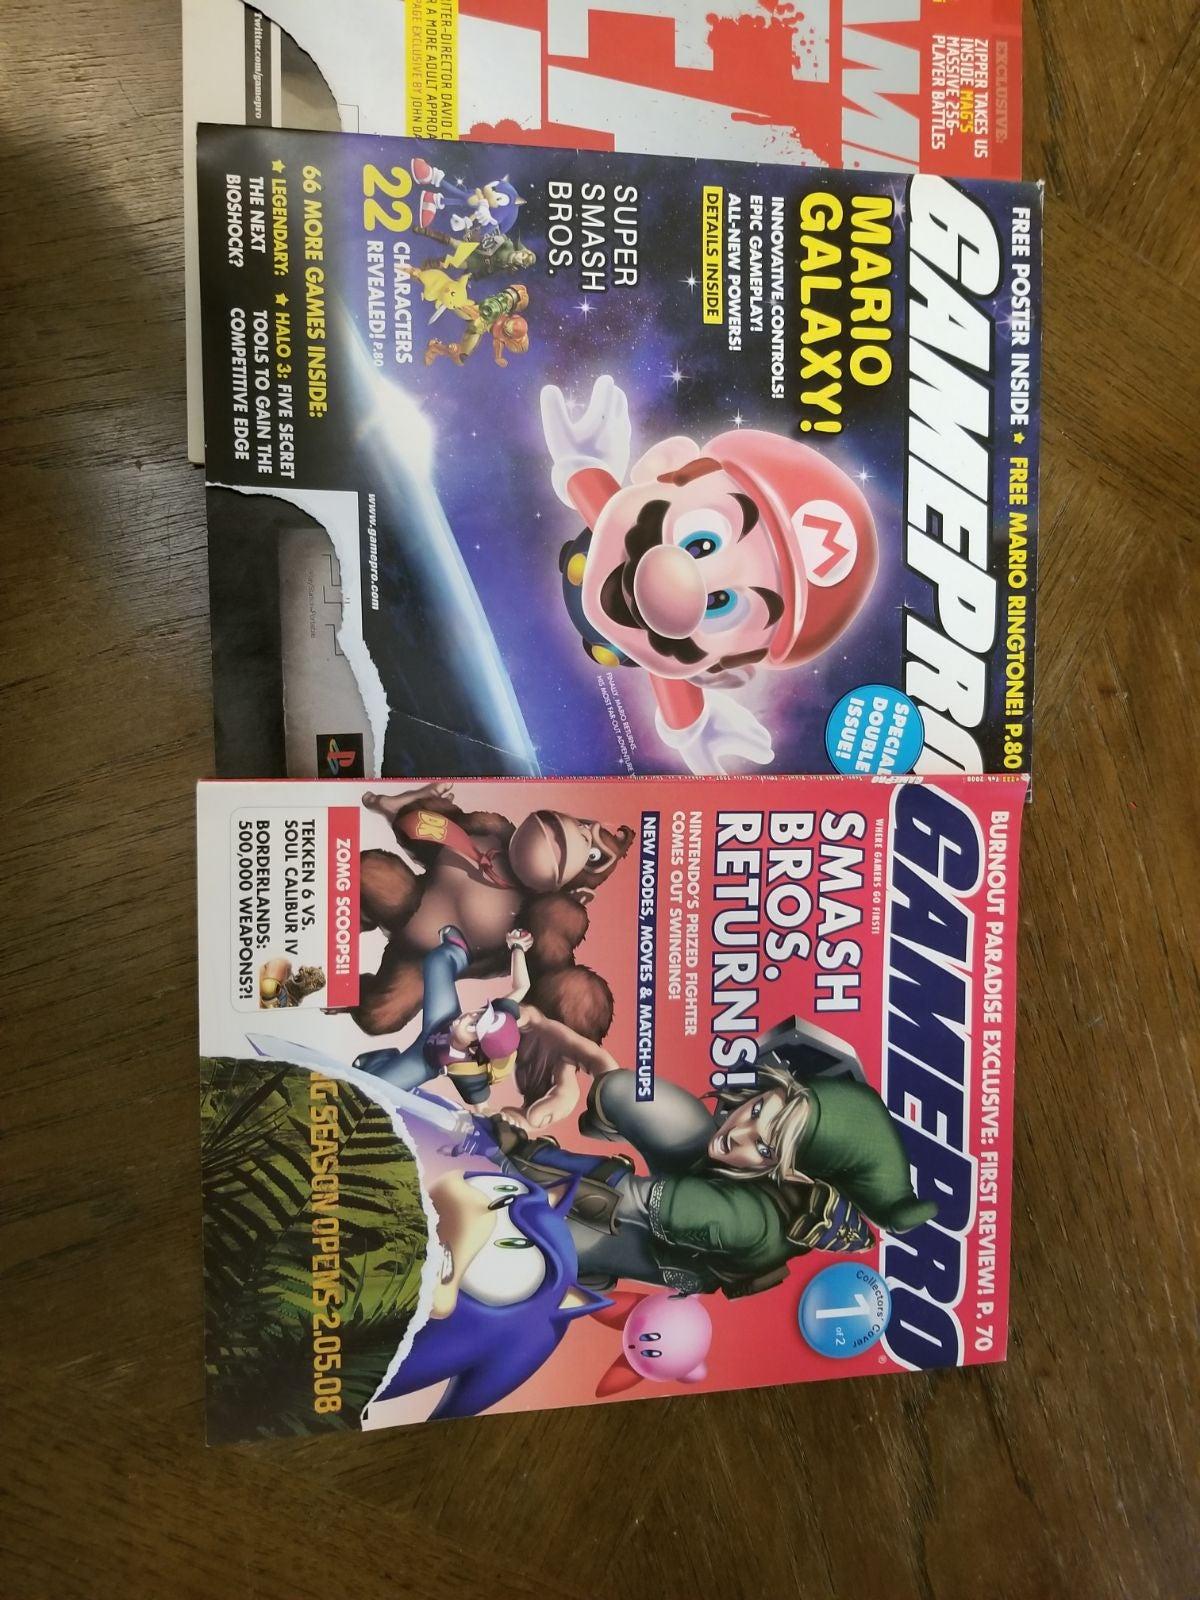 GamePro Magazines x3 Mario Galaxy,Smash